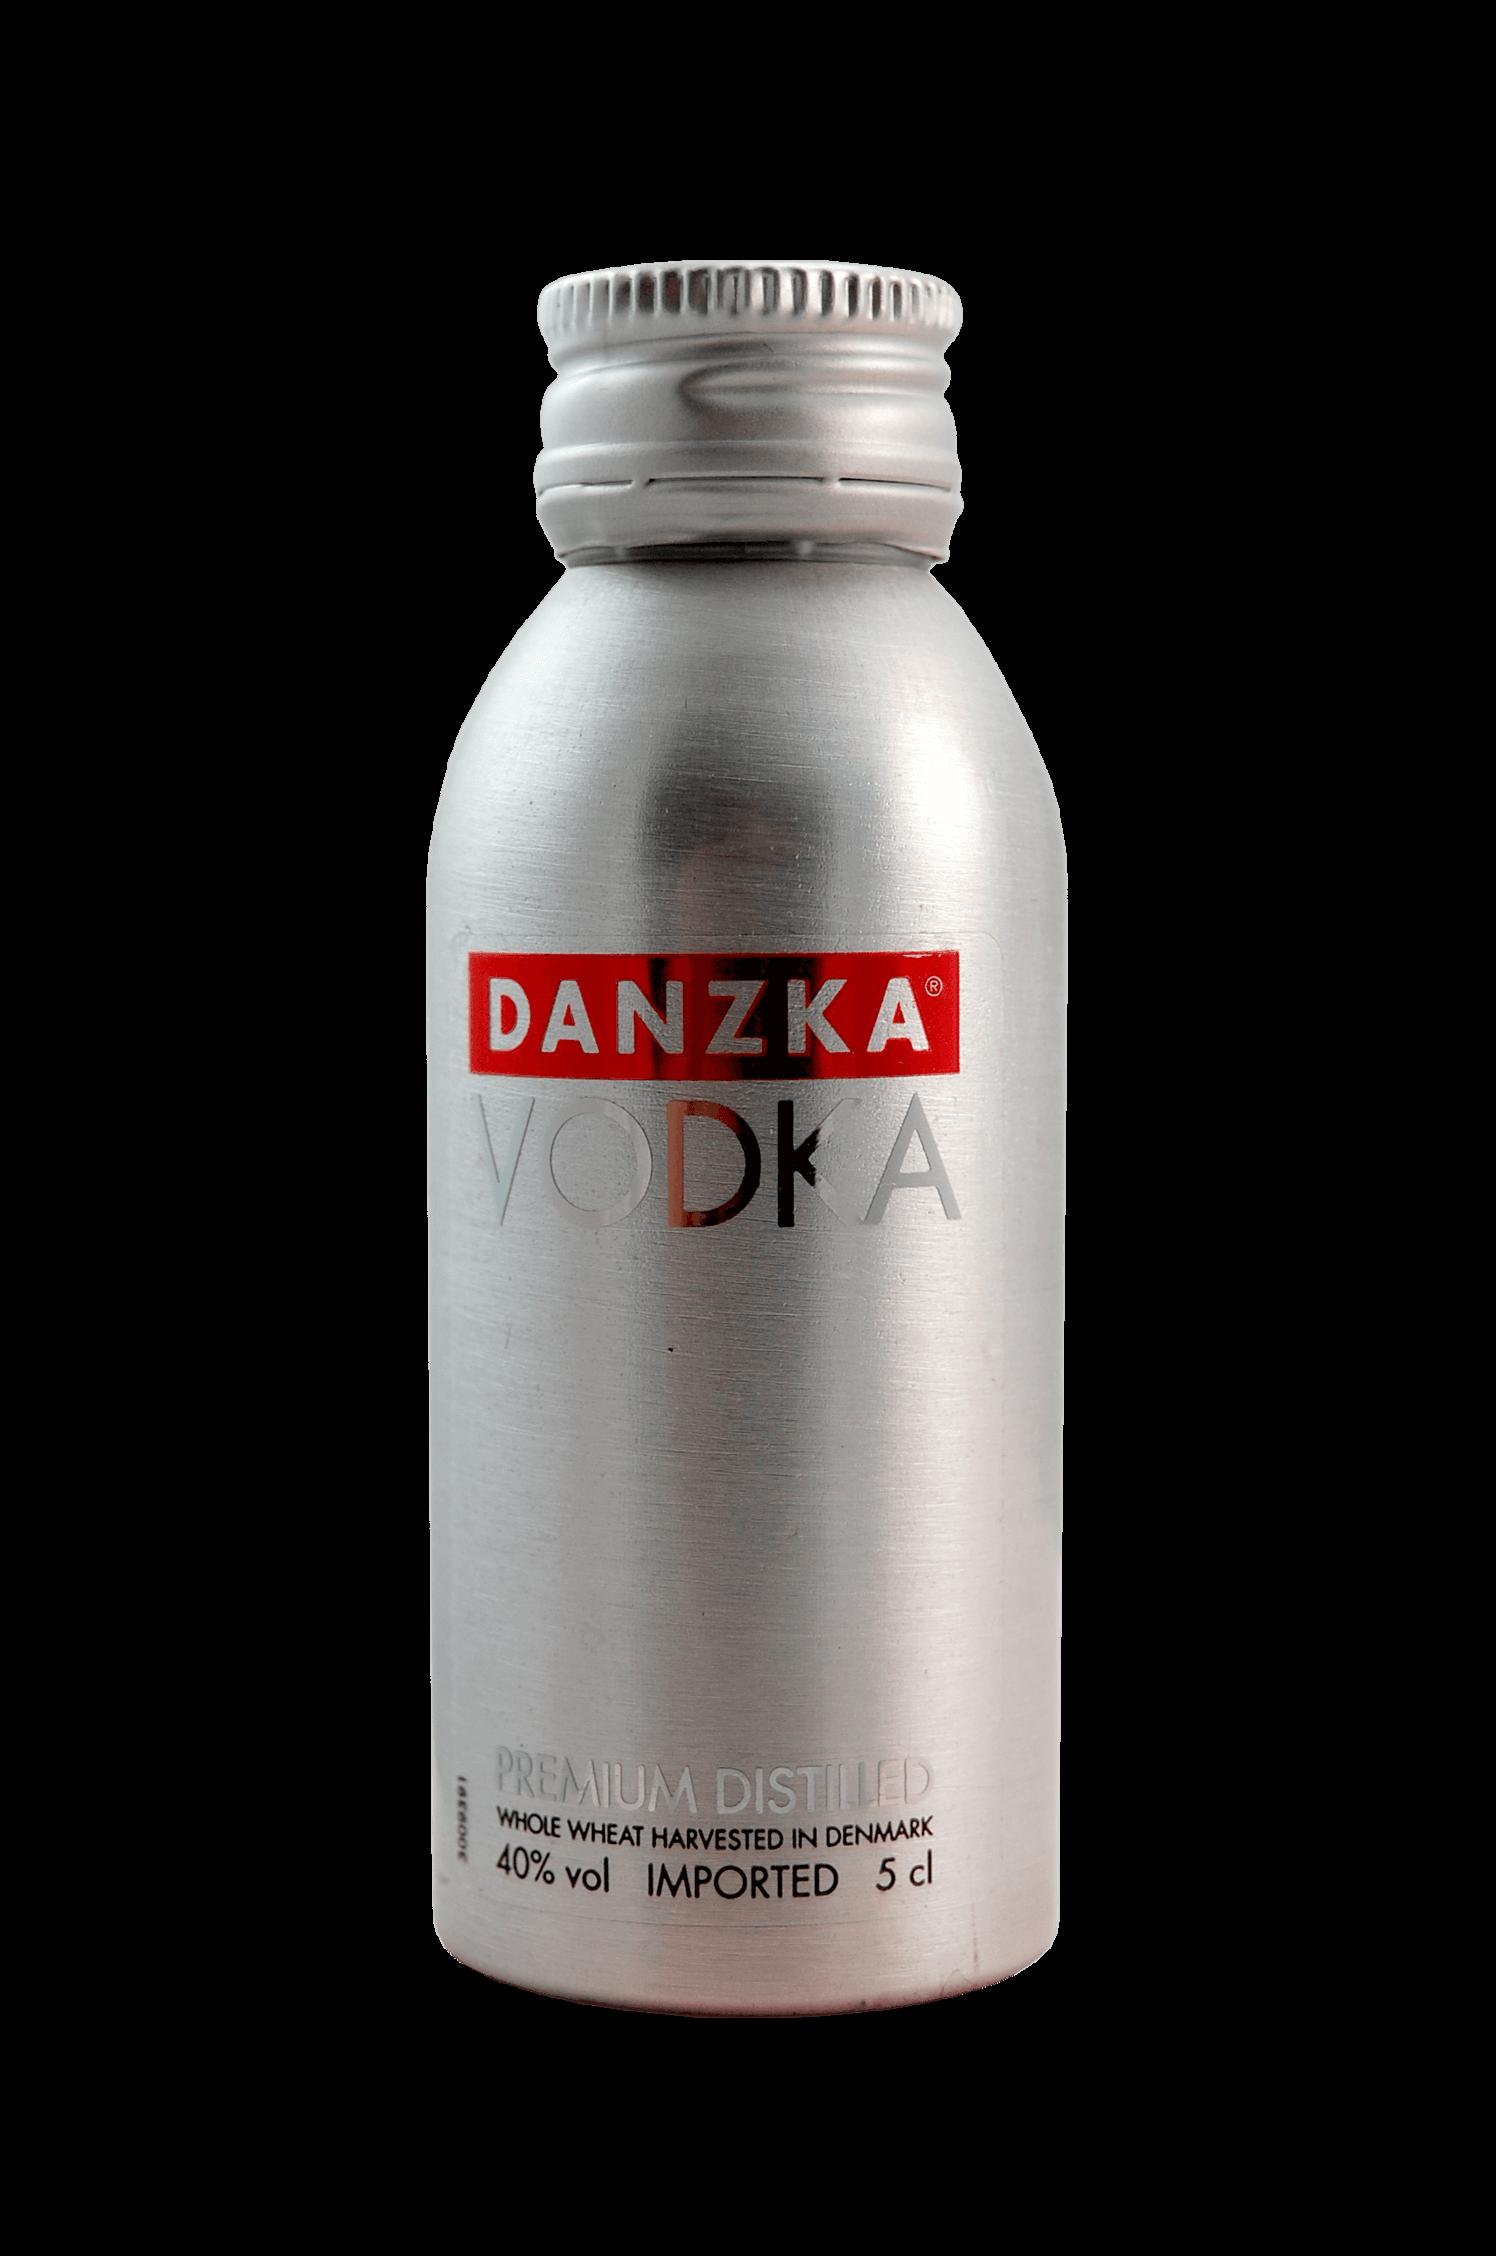 Danzka Vodka Premium